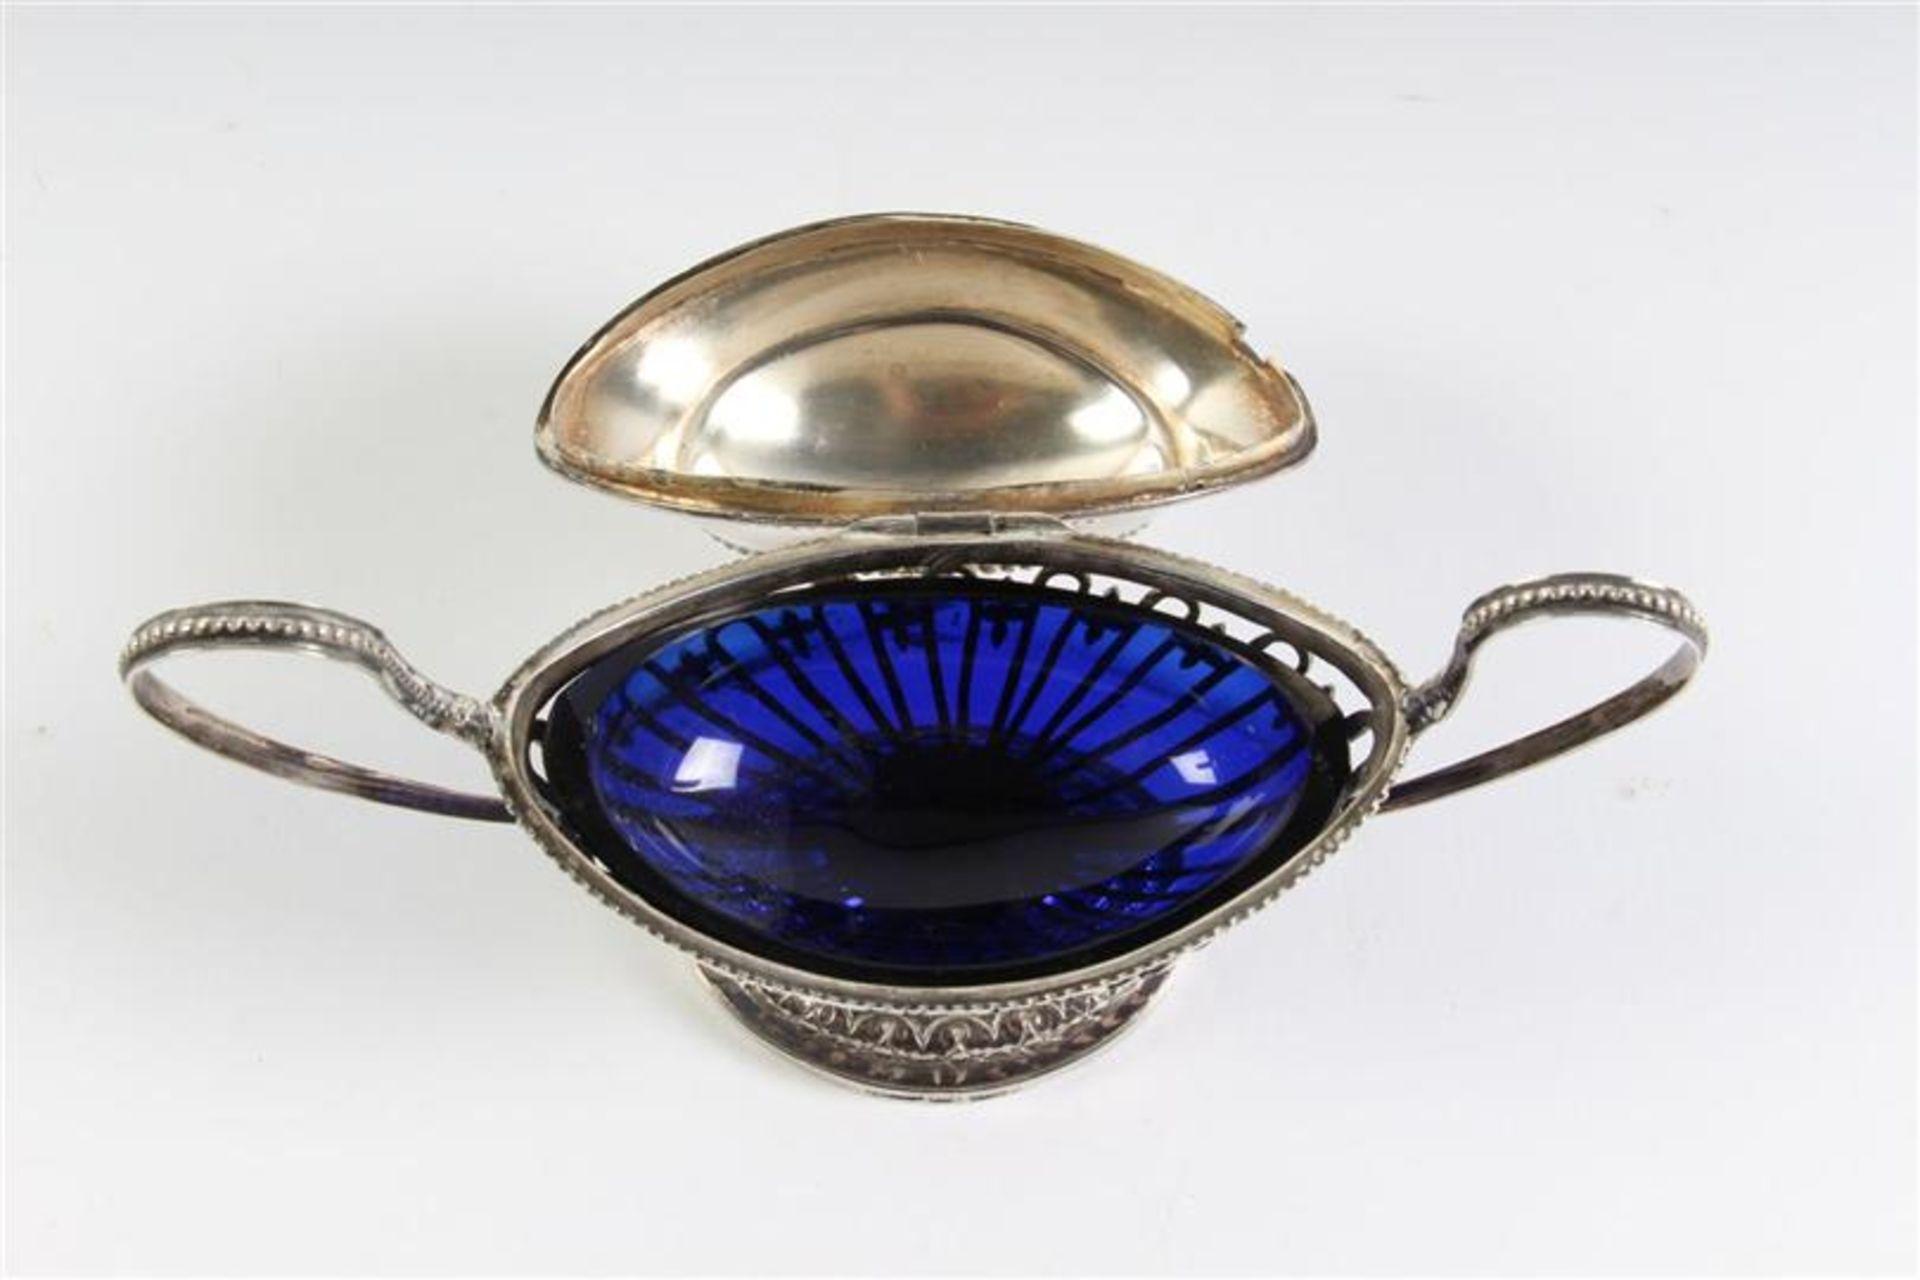 Zilveren mosterdvat met blauw glazen binnenbak, Amsterdam. HxB: 11 x 16 cm. - Bild 3 aus 5